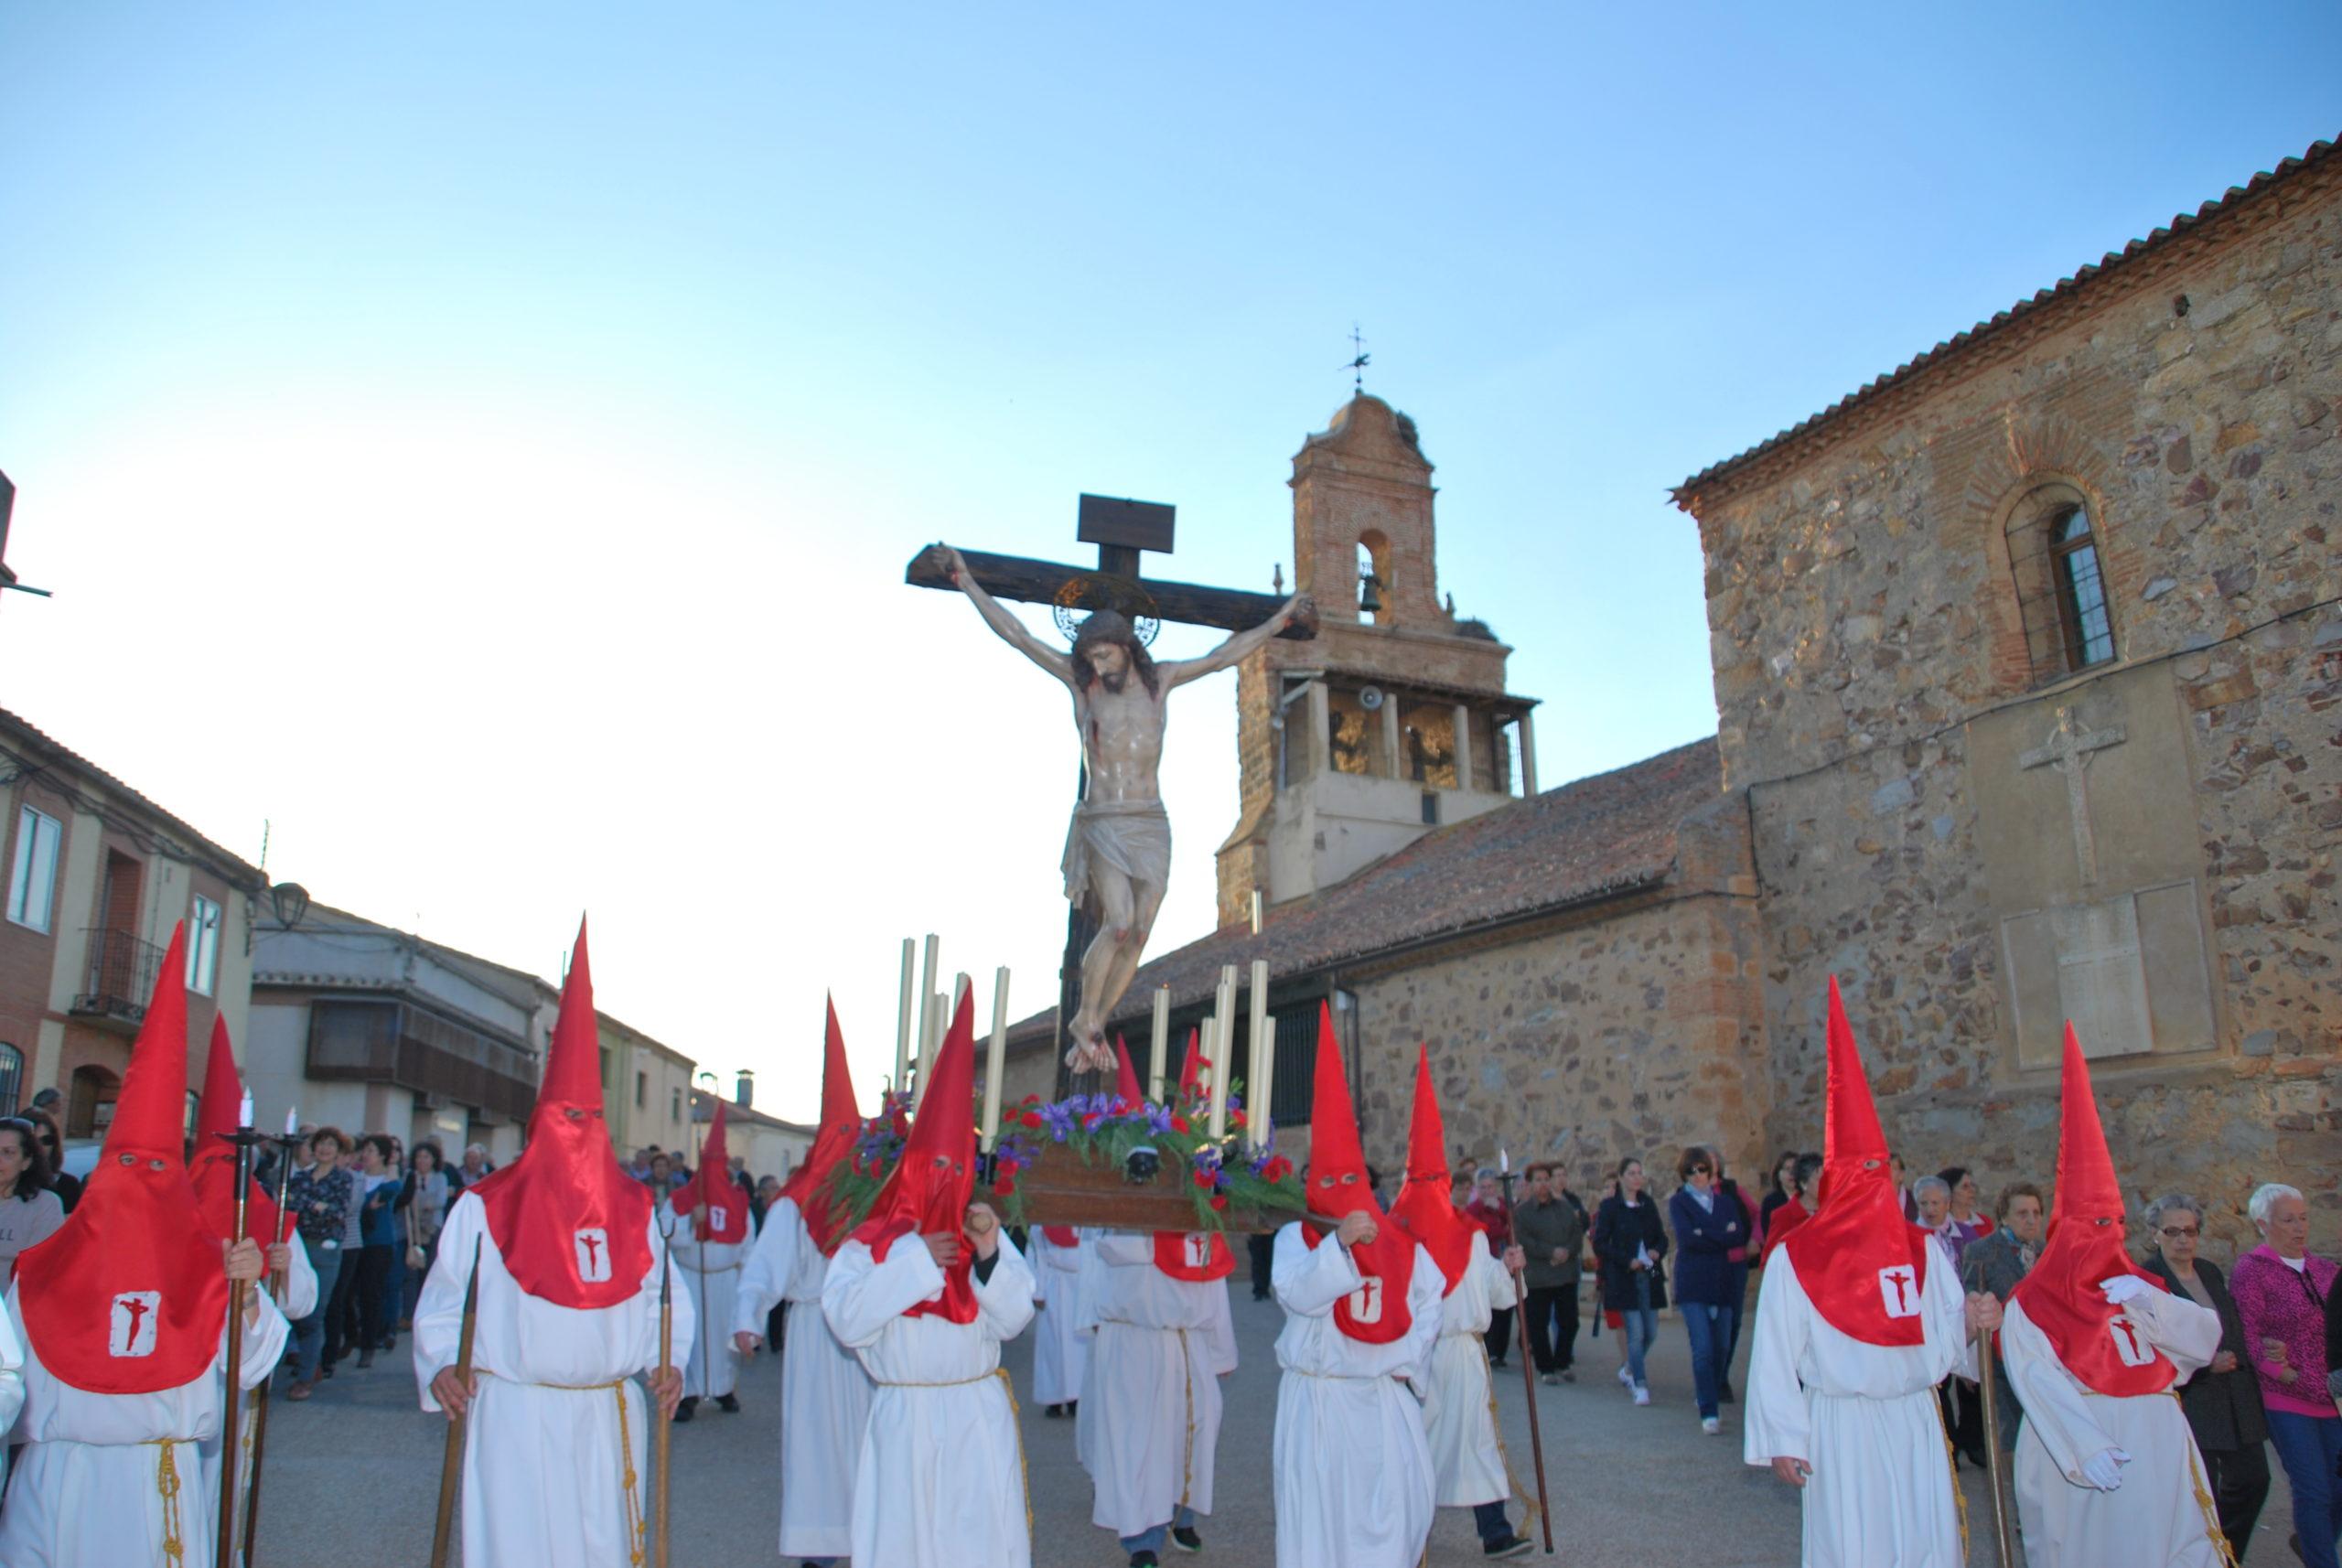 MIÉRCOLES SANTO EN MANGANESES DE LA LAMPREANA: PROCESIÓN DEL  SANTO CRISTO, TAMBIÉN LLAMADO DE LA CONSOLACIÓN.